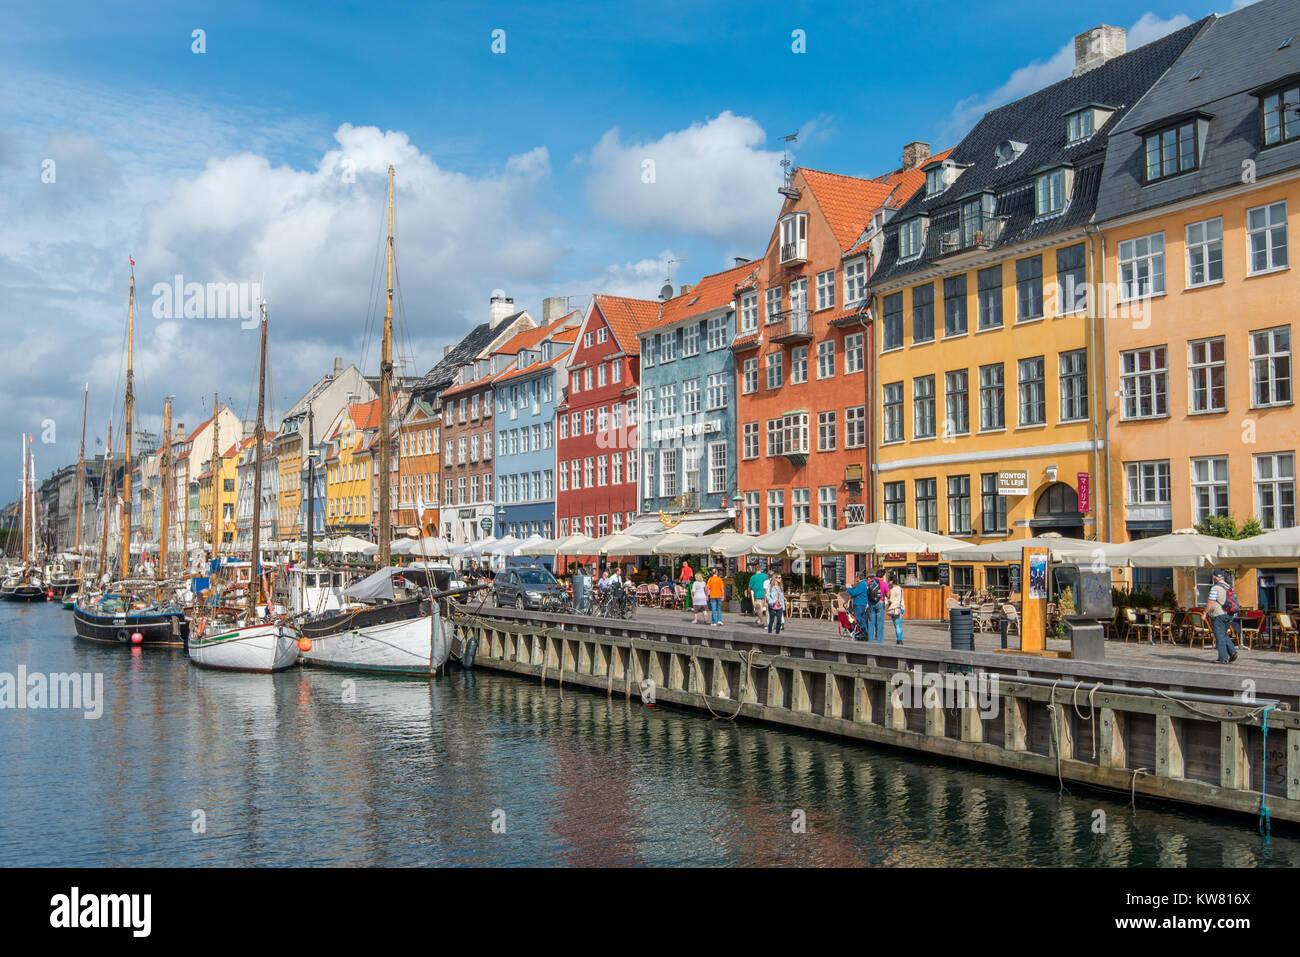 Nyhavn, un quartier du port du 17ème siècle dans le centre de Copenhague et en ce moment un front populaire attraction touristique et de divertissement. Banque D'Images